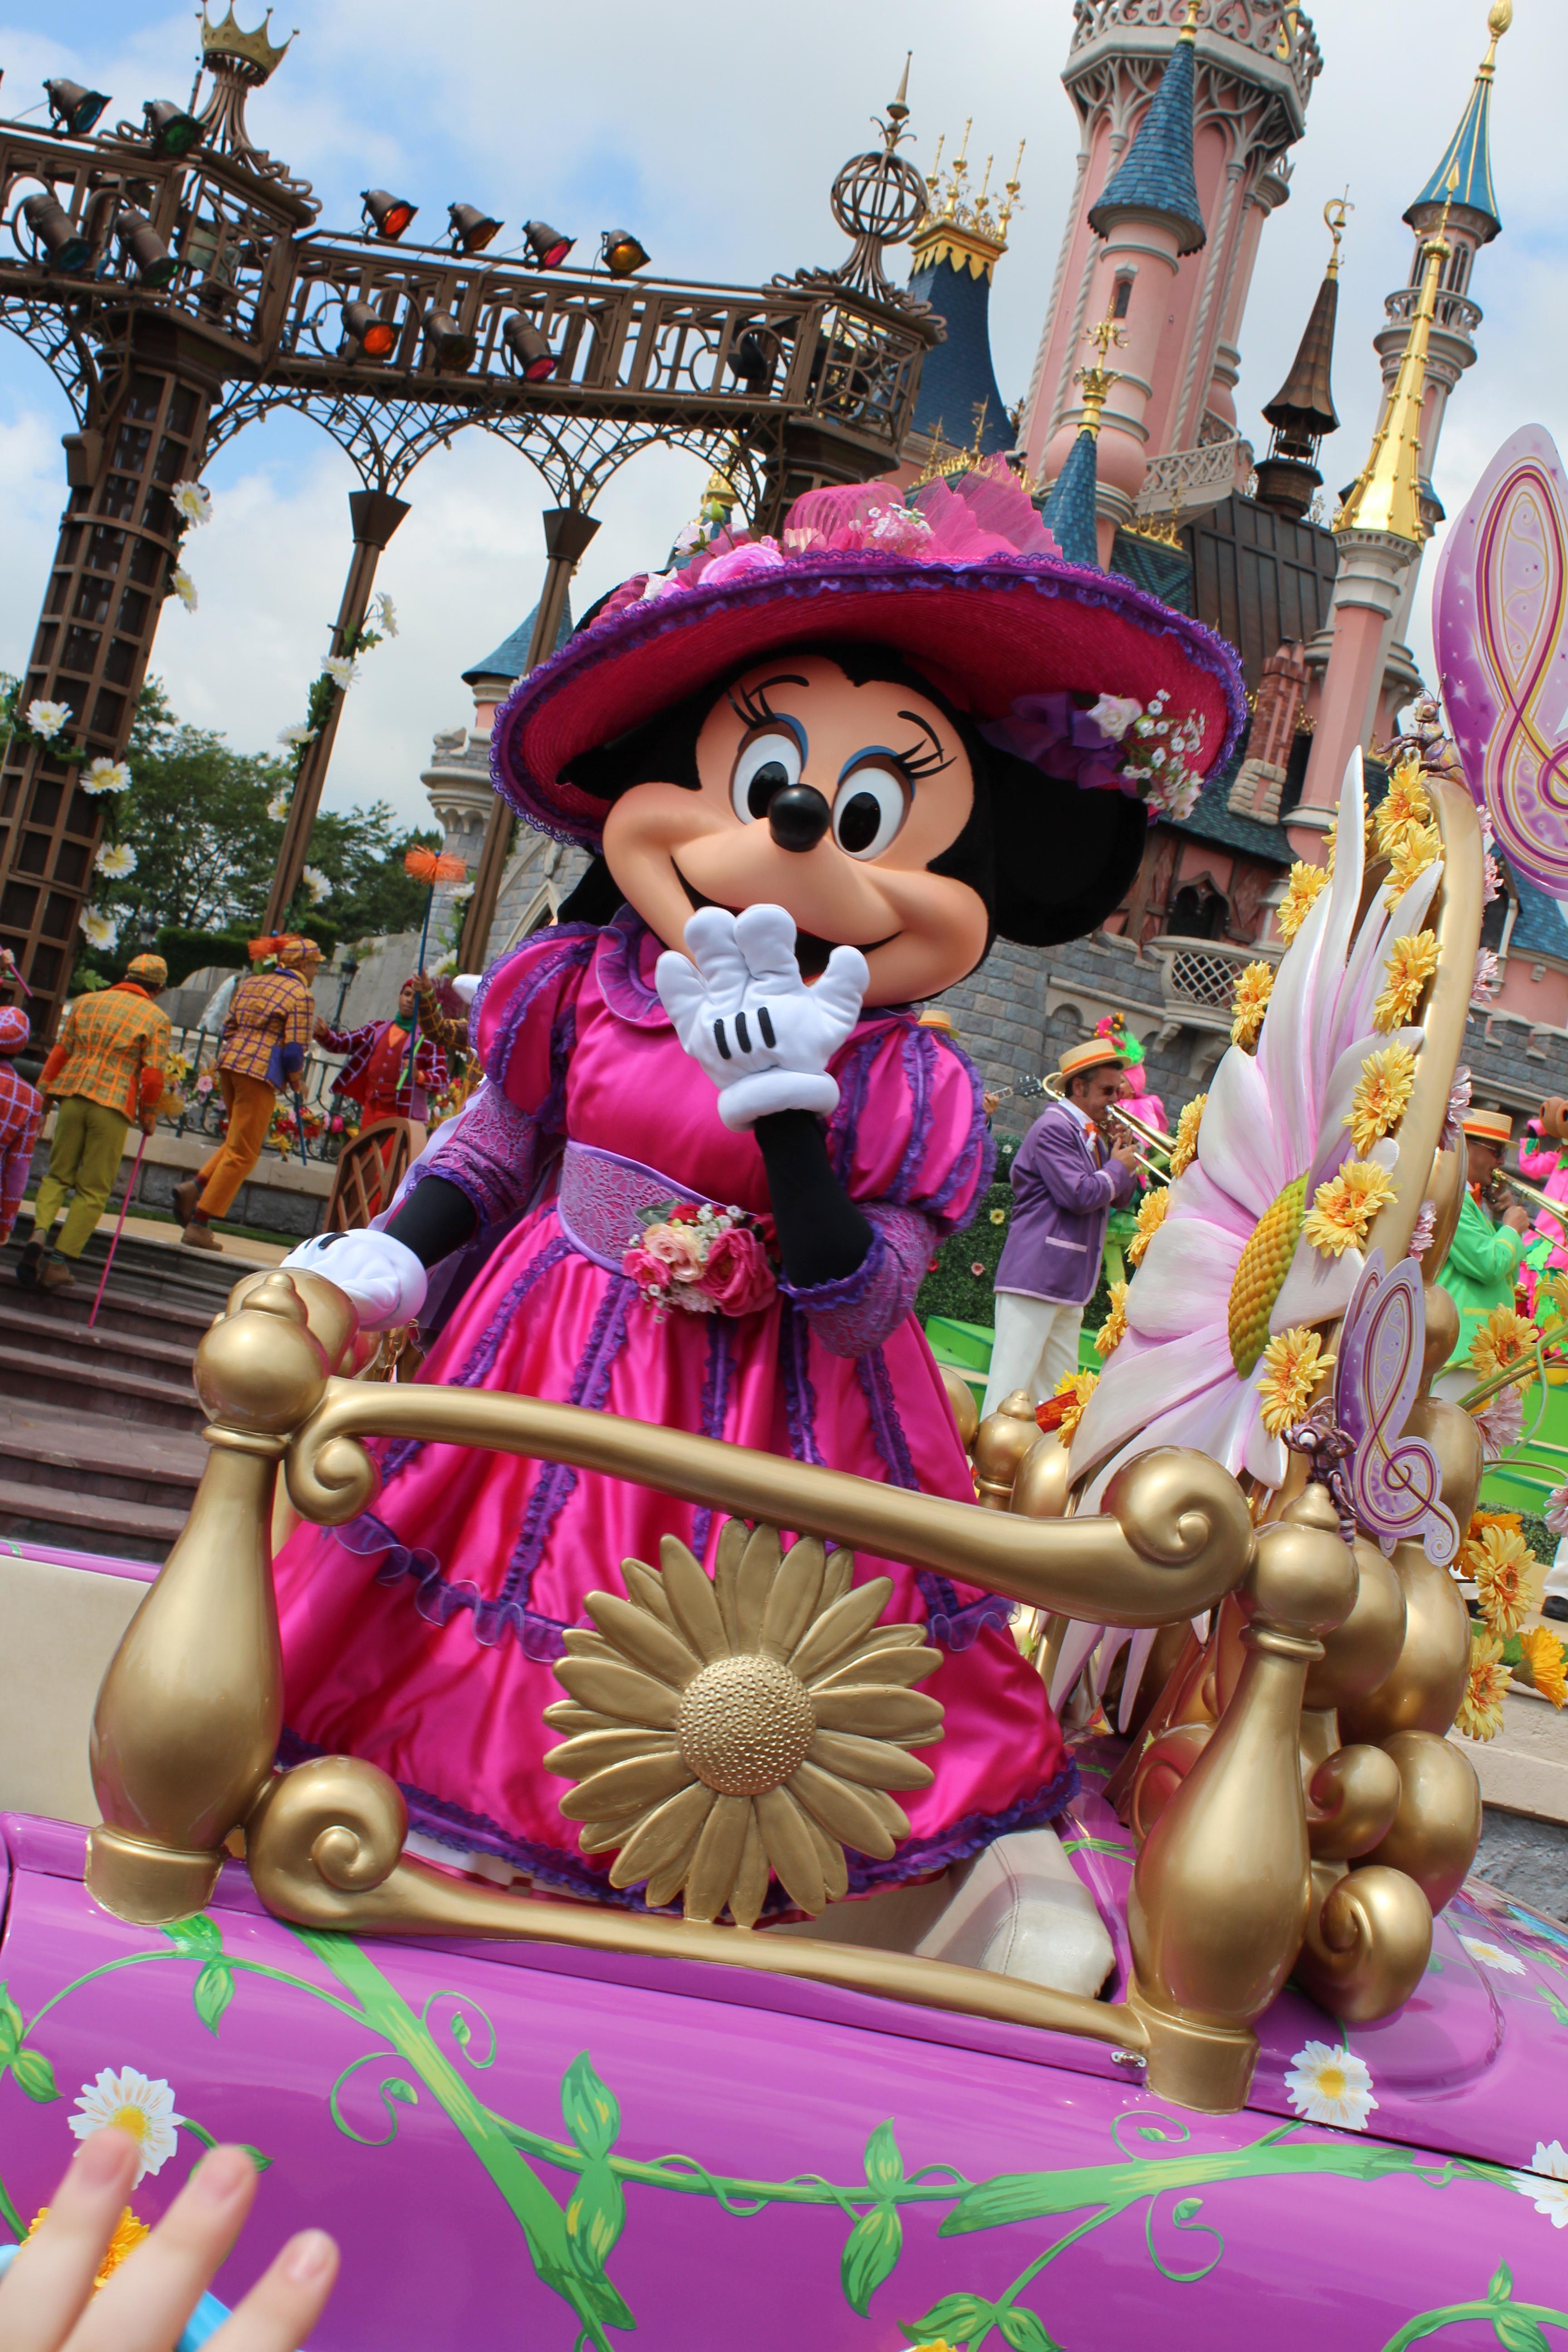 Promenade Minnie Mouse